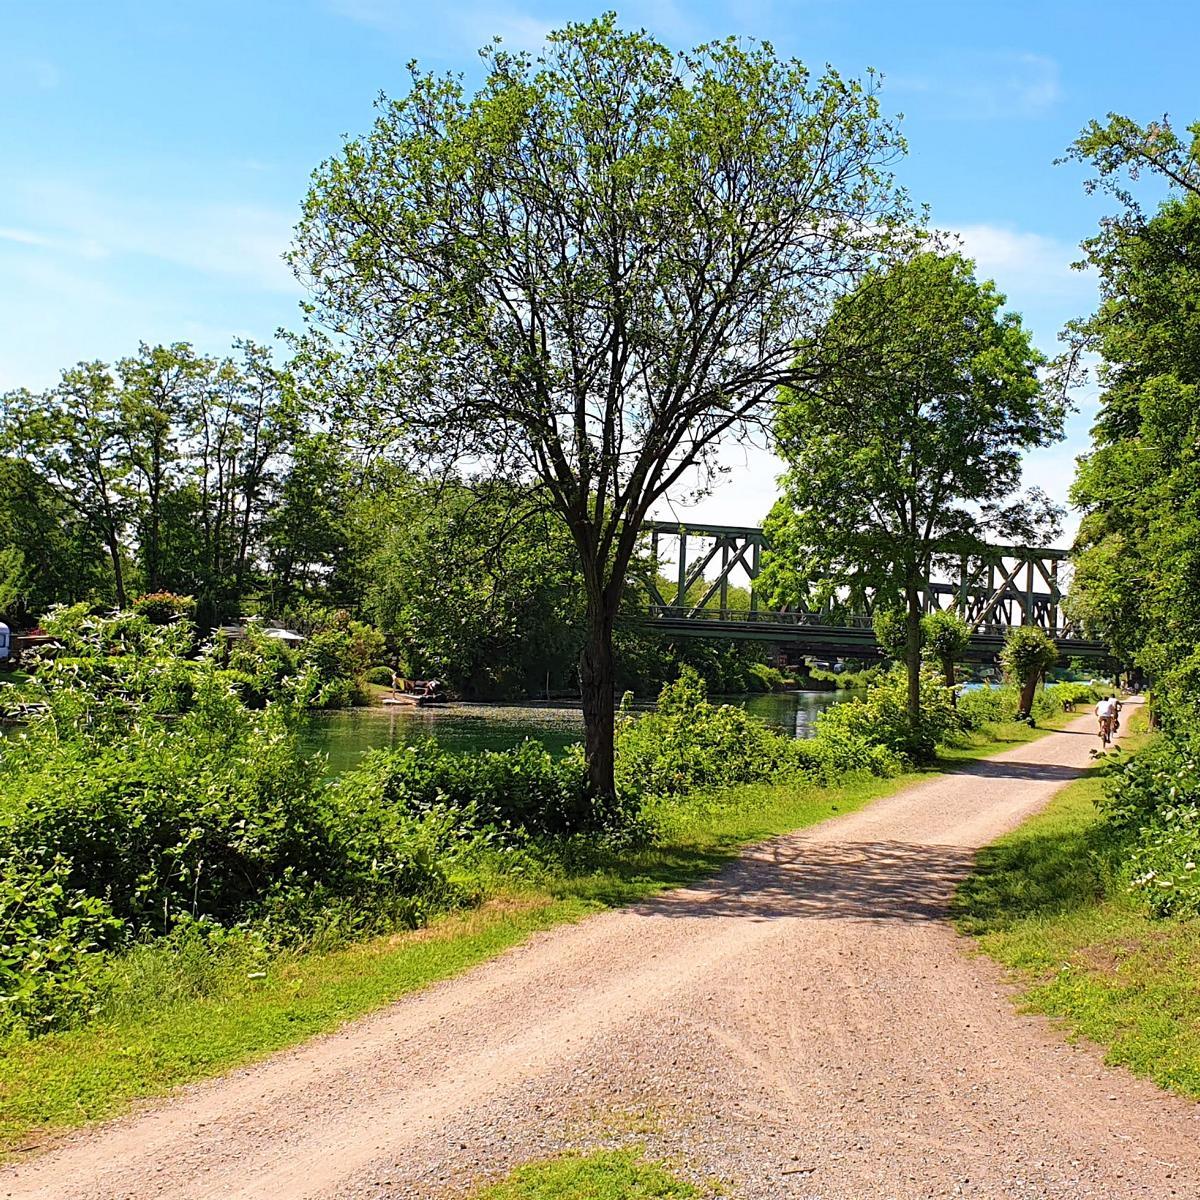 Style Hannover Mittellandroute 1 - Mittellandkanalroute - 60km am Wasser